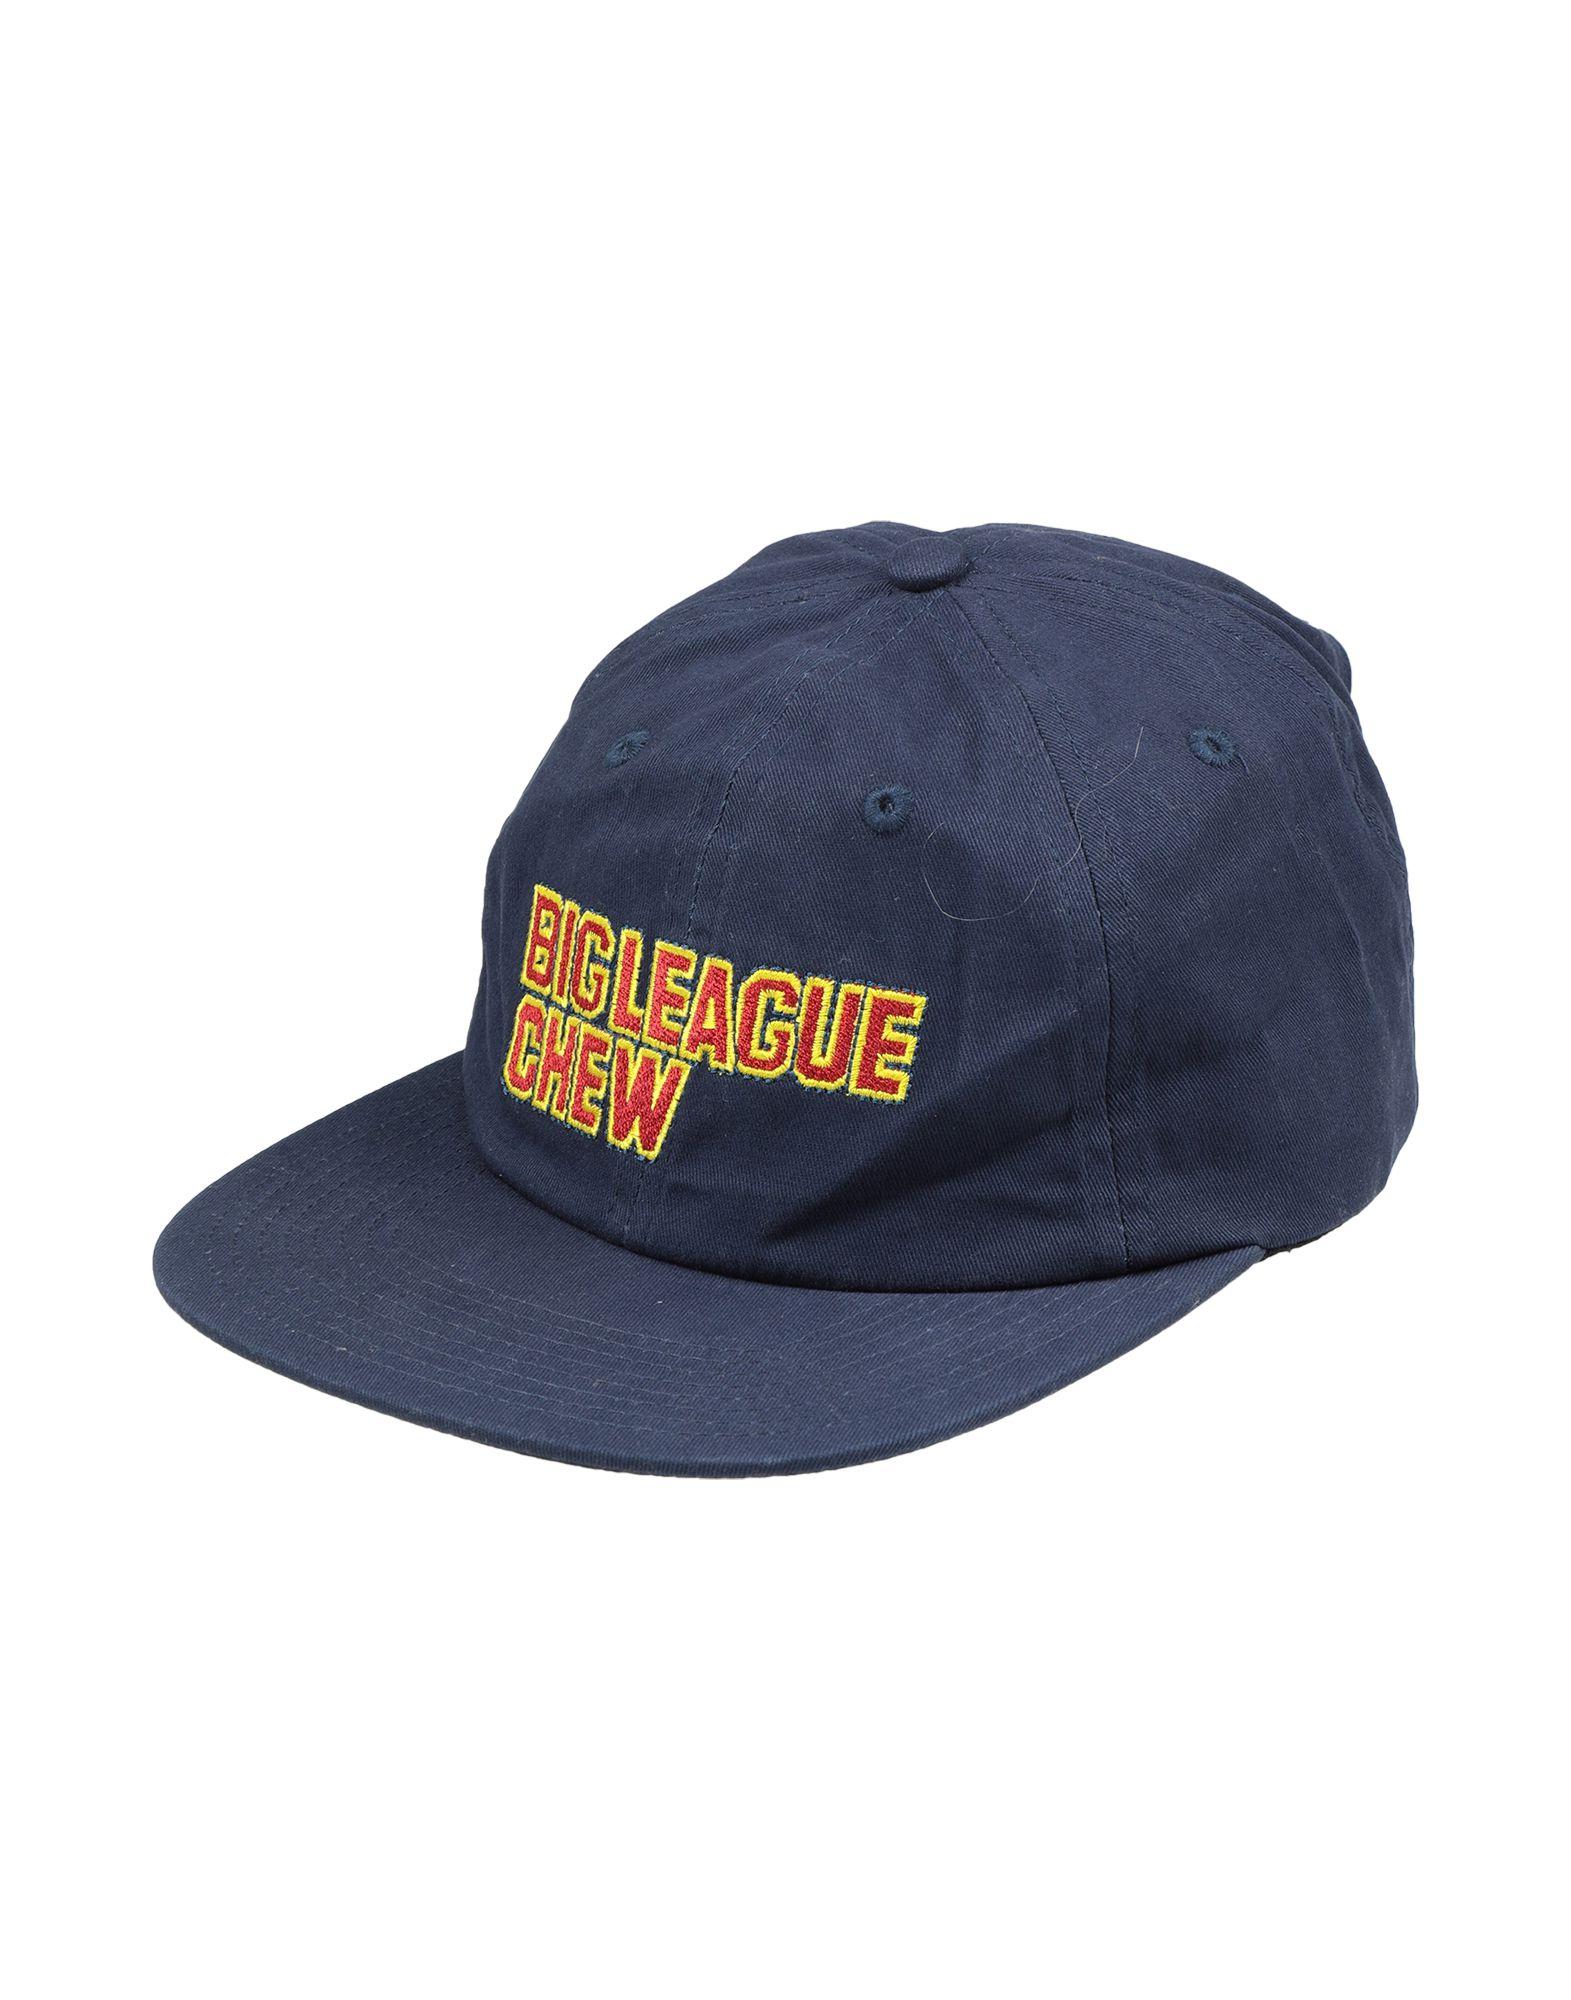 《送料無料》BIG LEAGUE CHEW BUBBLE GUM メンズ 帽子 ダークブルー one size コットン 100%